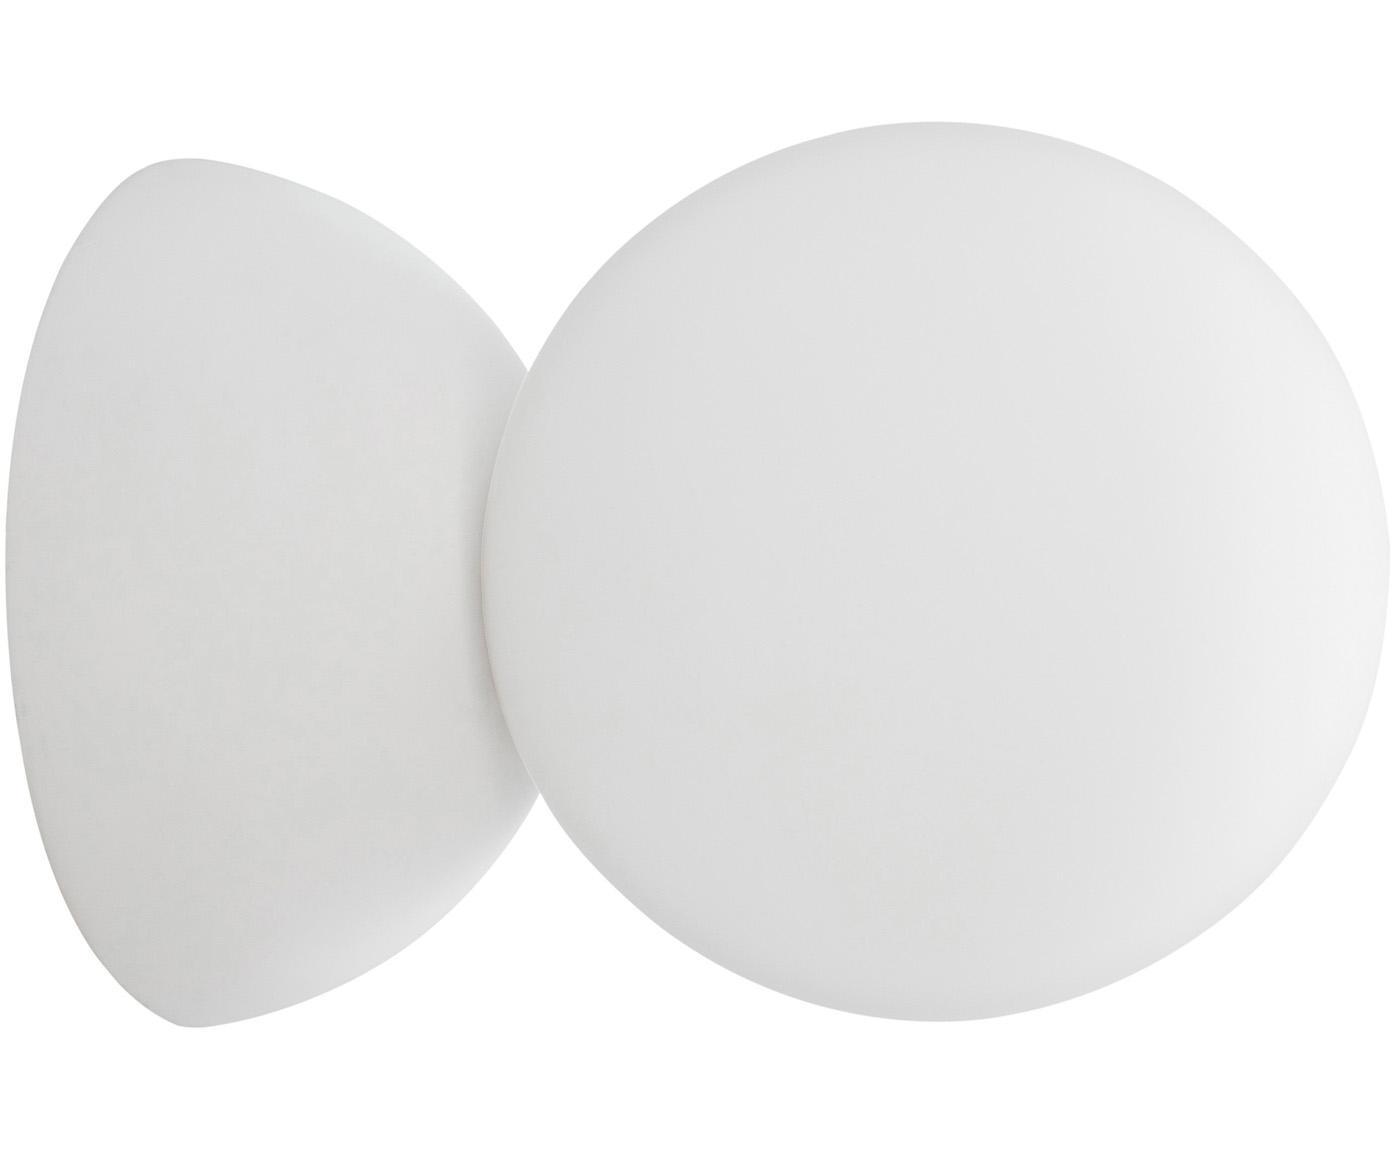 Applique in vetro opale Zero, Paralume: vetro opalino, Bianco, Ø 10 x Prof. 14 cm